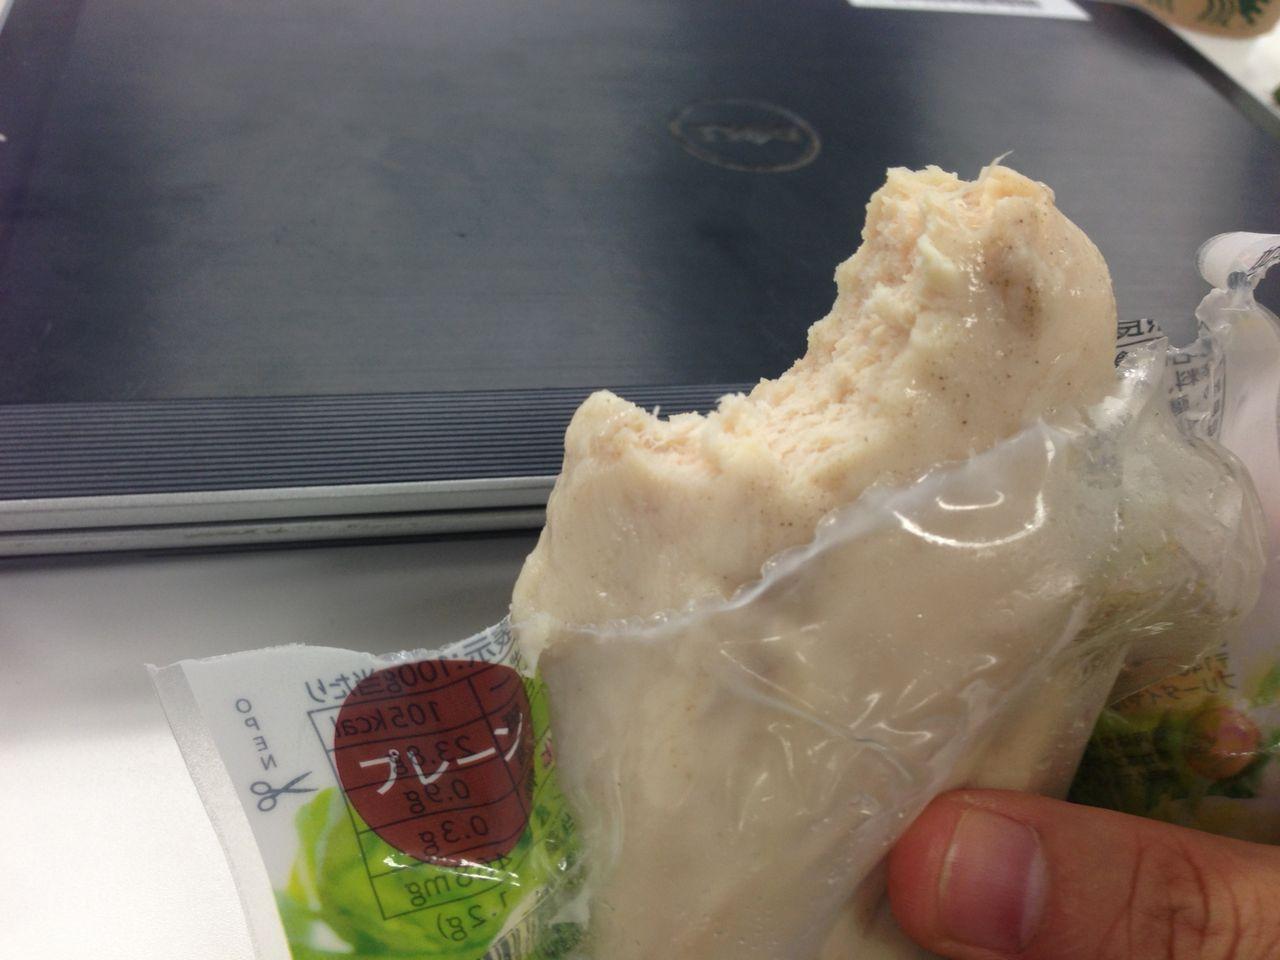 その名も「サラダチキン」,,ダイエットに最適な低カロリー・高タンパク食品をセブンイレブンで発見